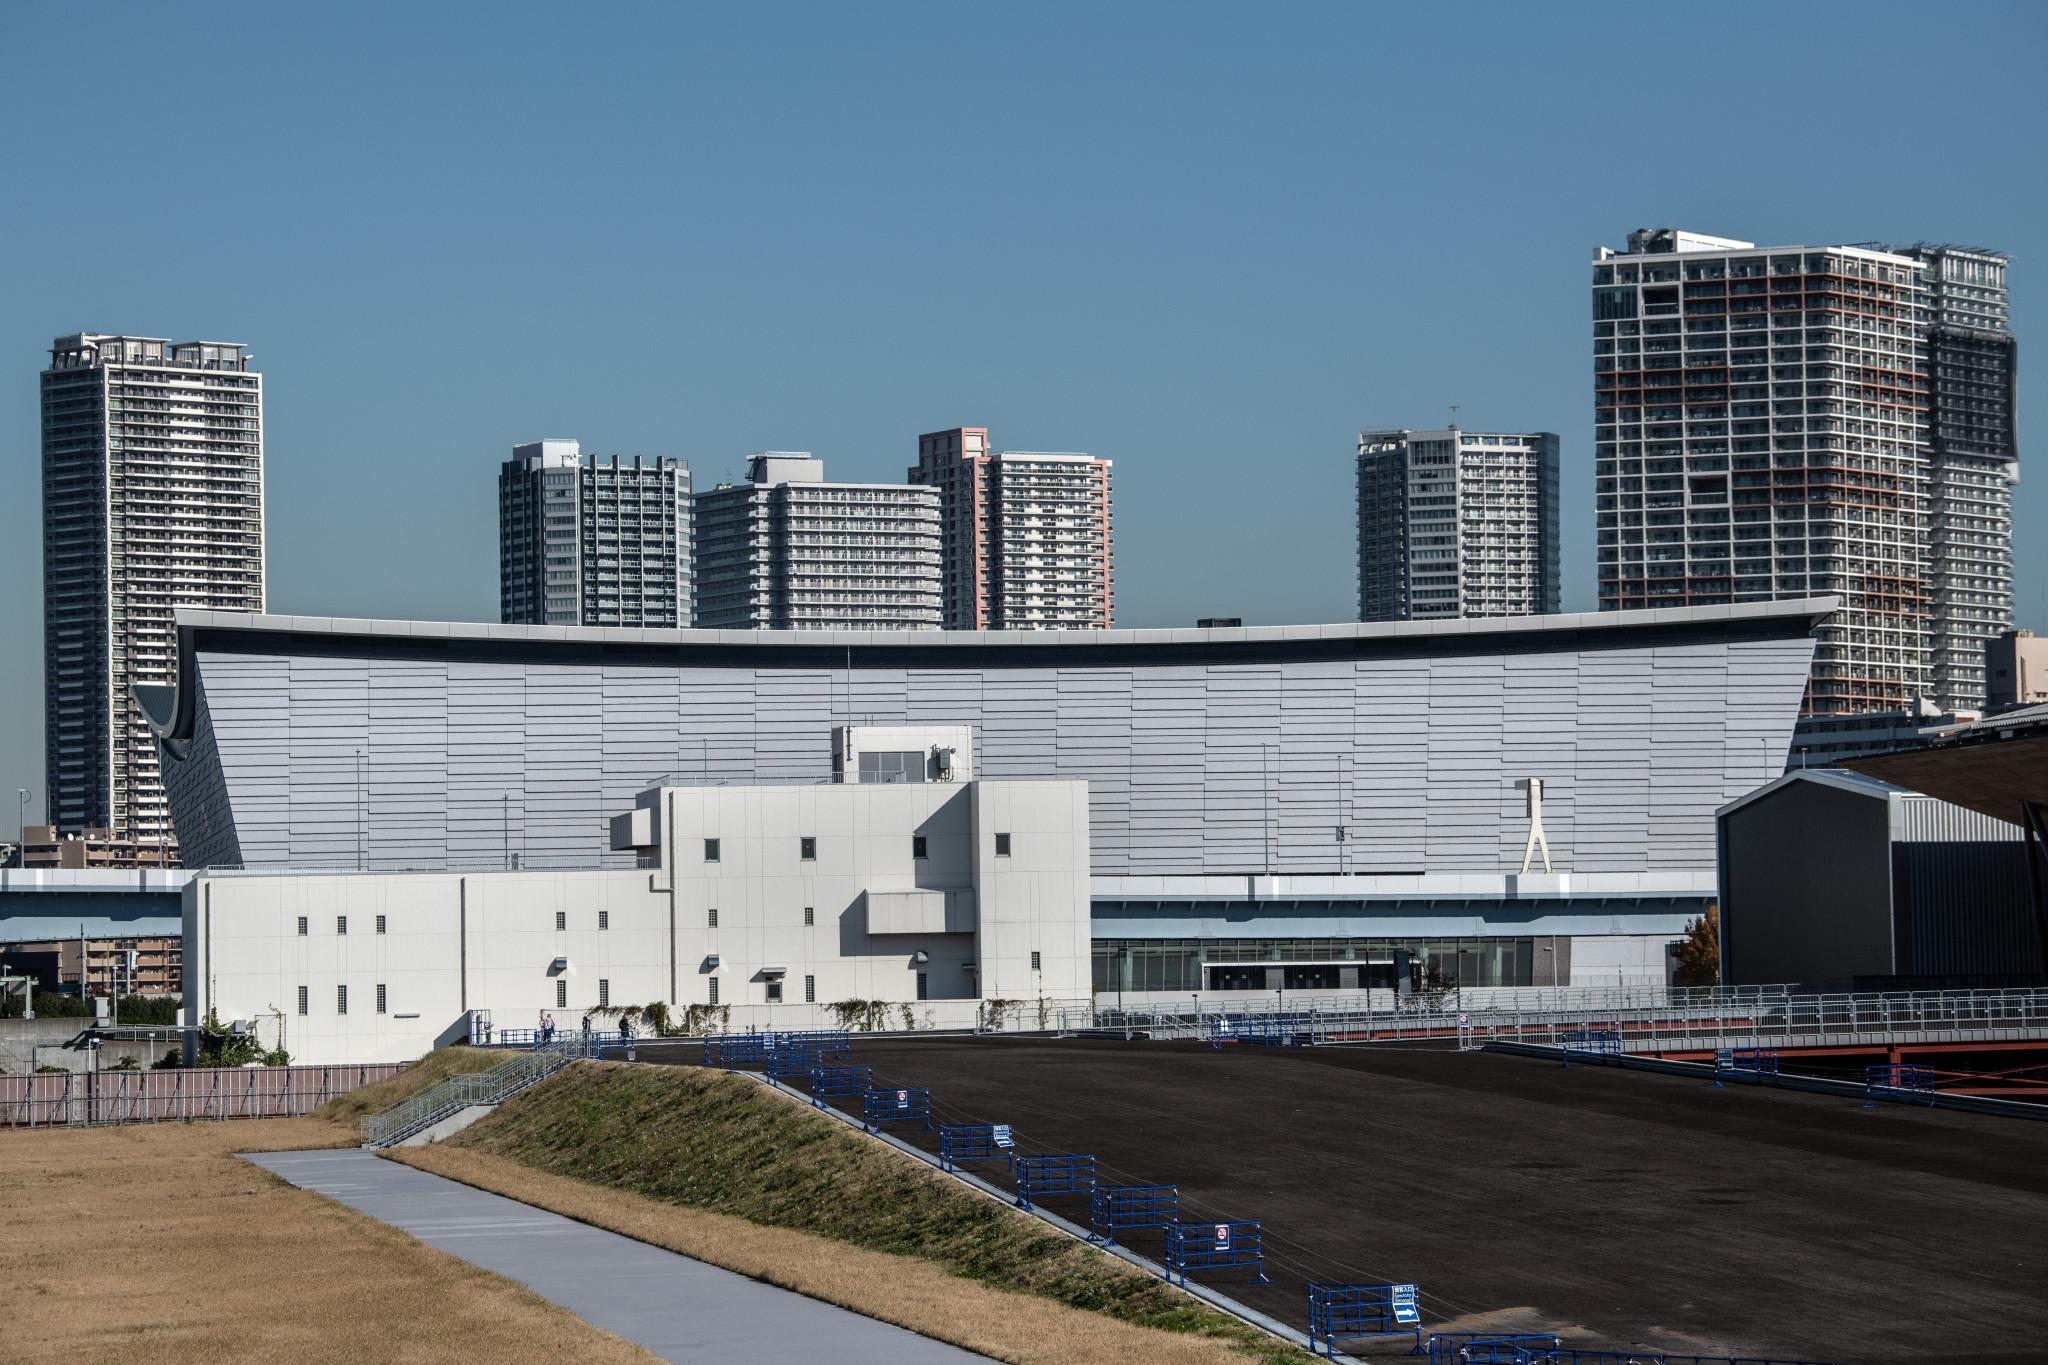 Tokyo 2020 inaugurates Ariake Arena